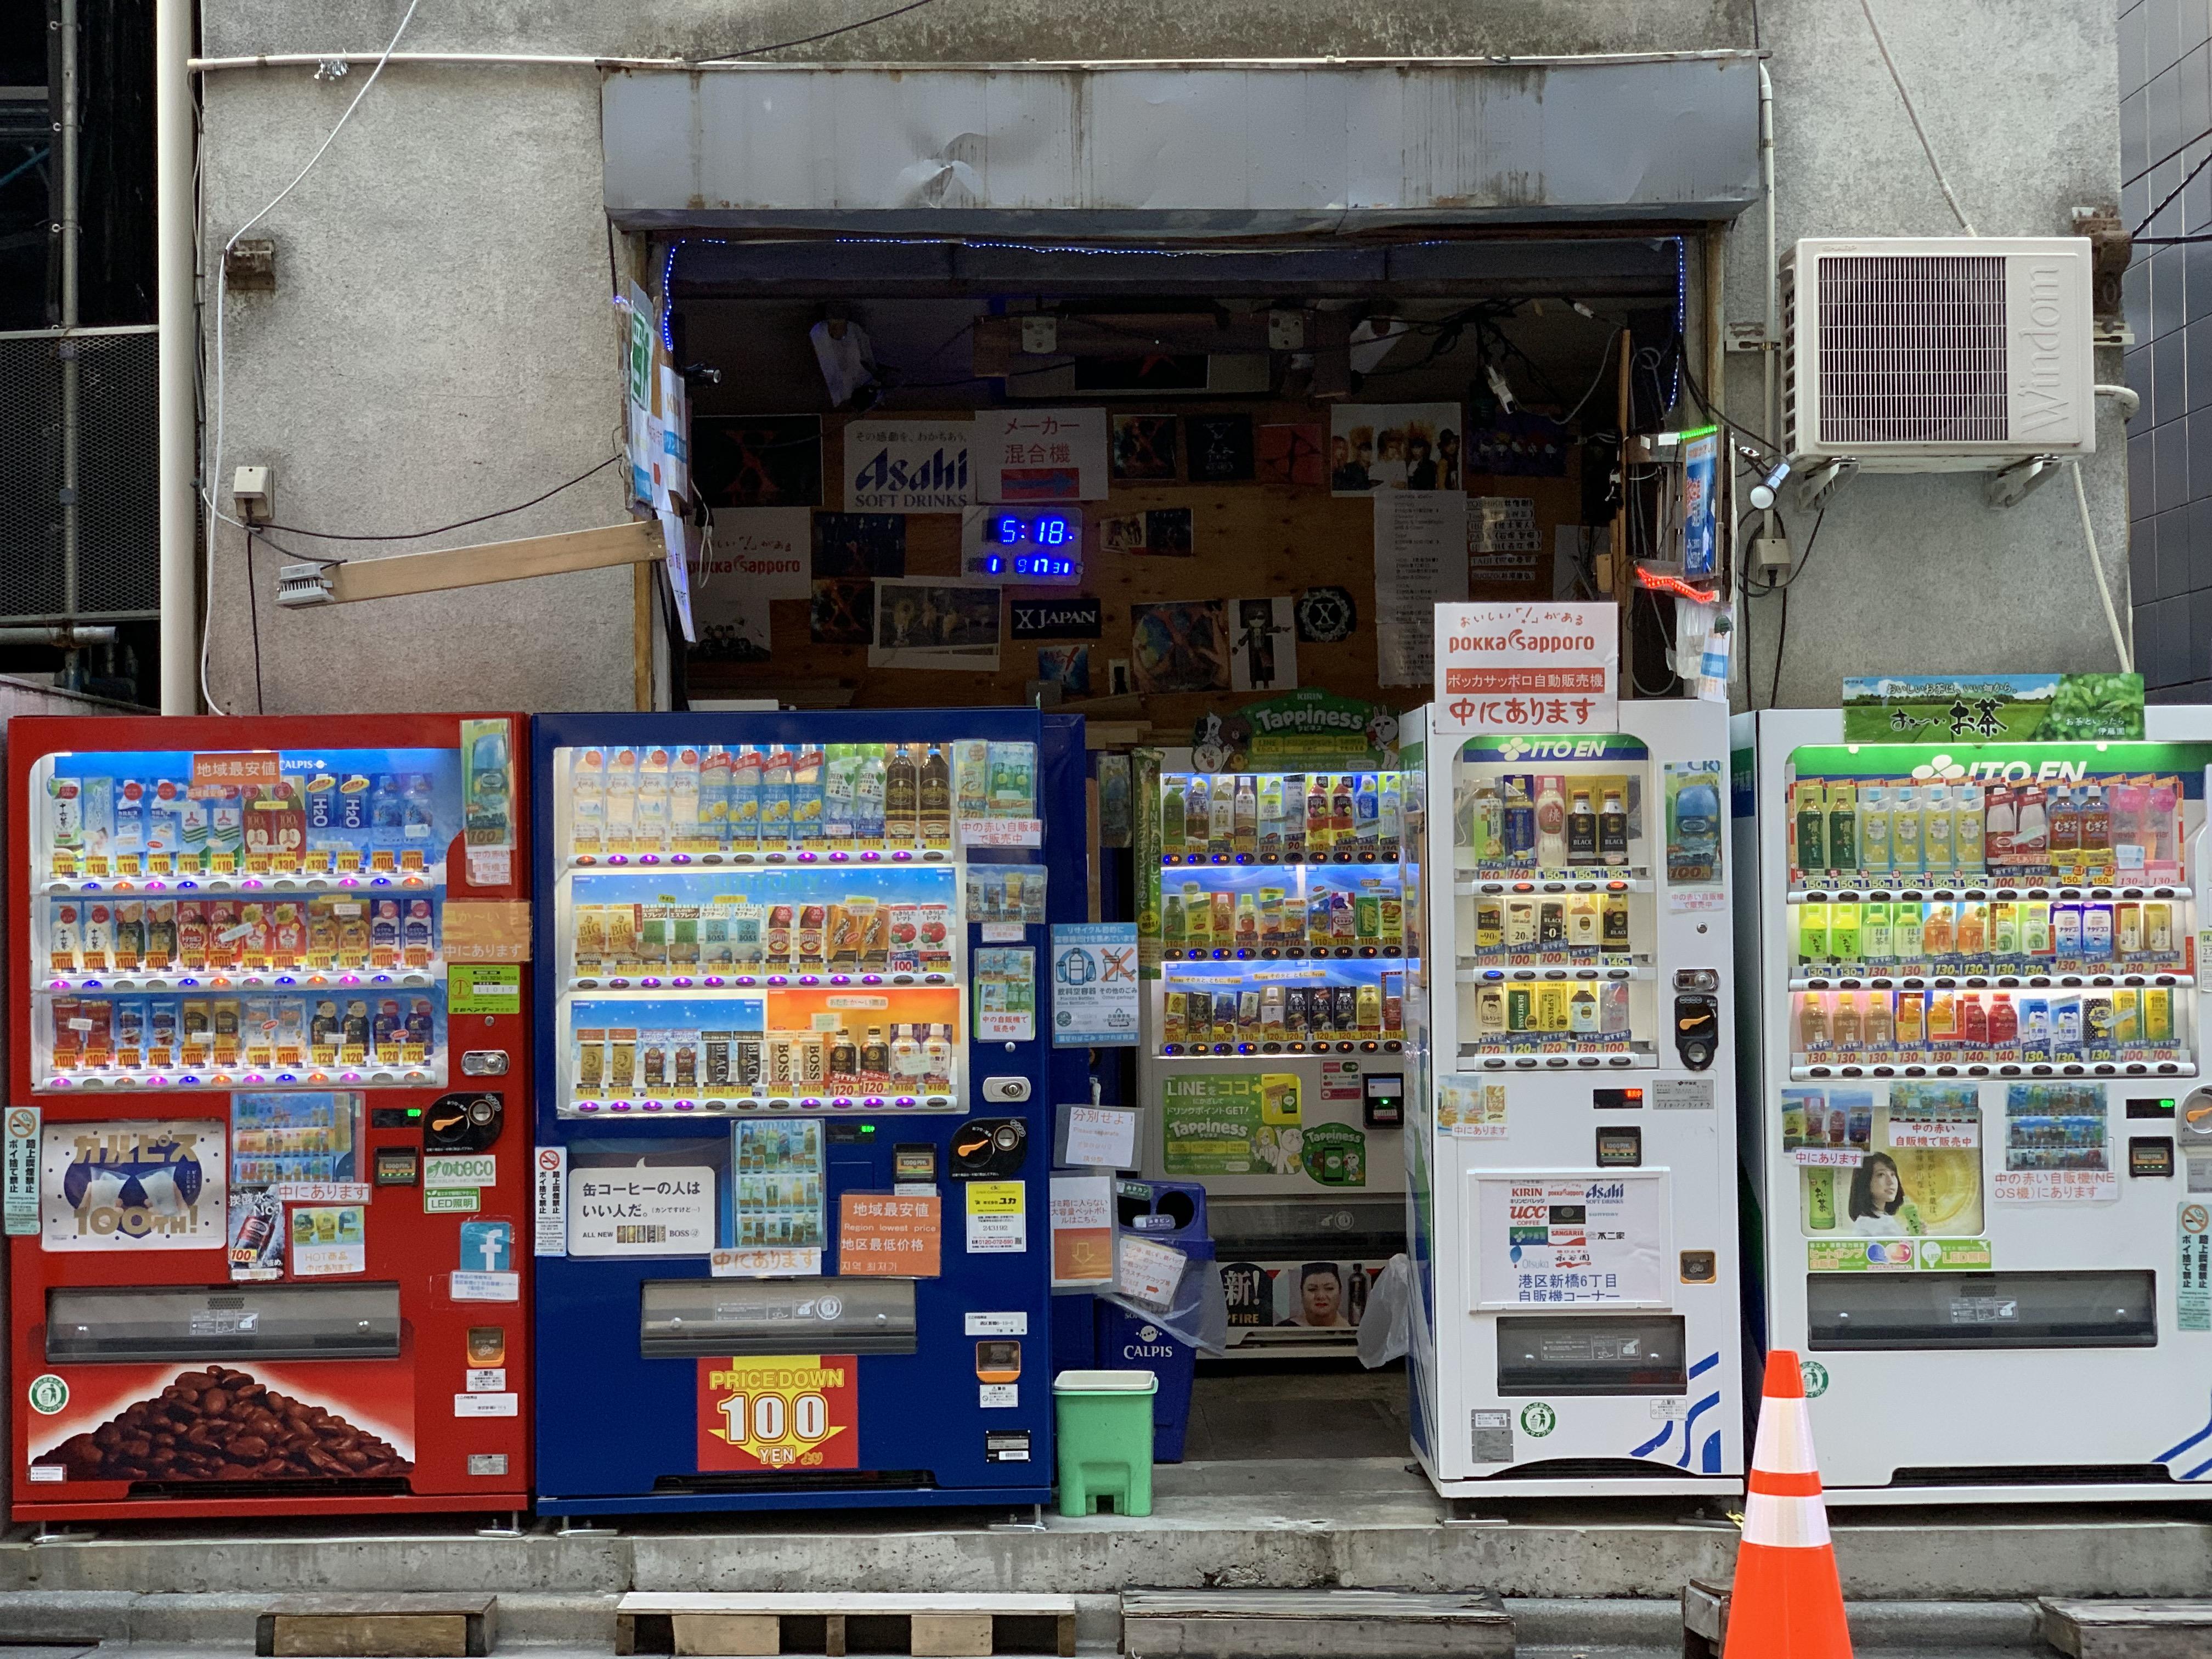 Japan vending machines.